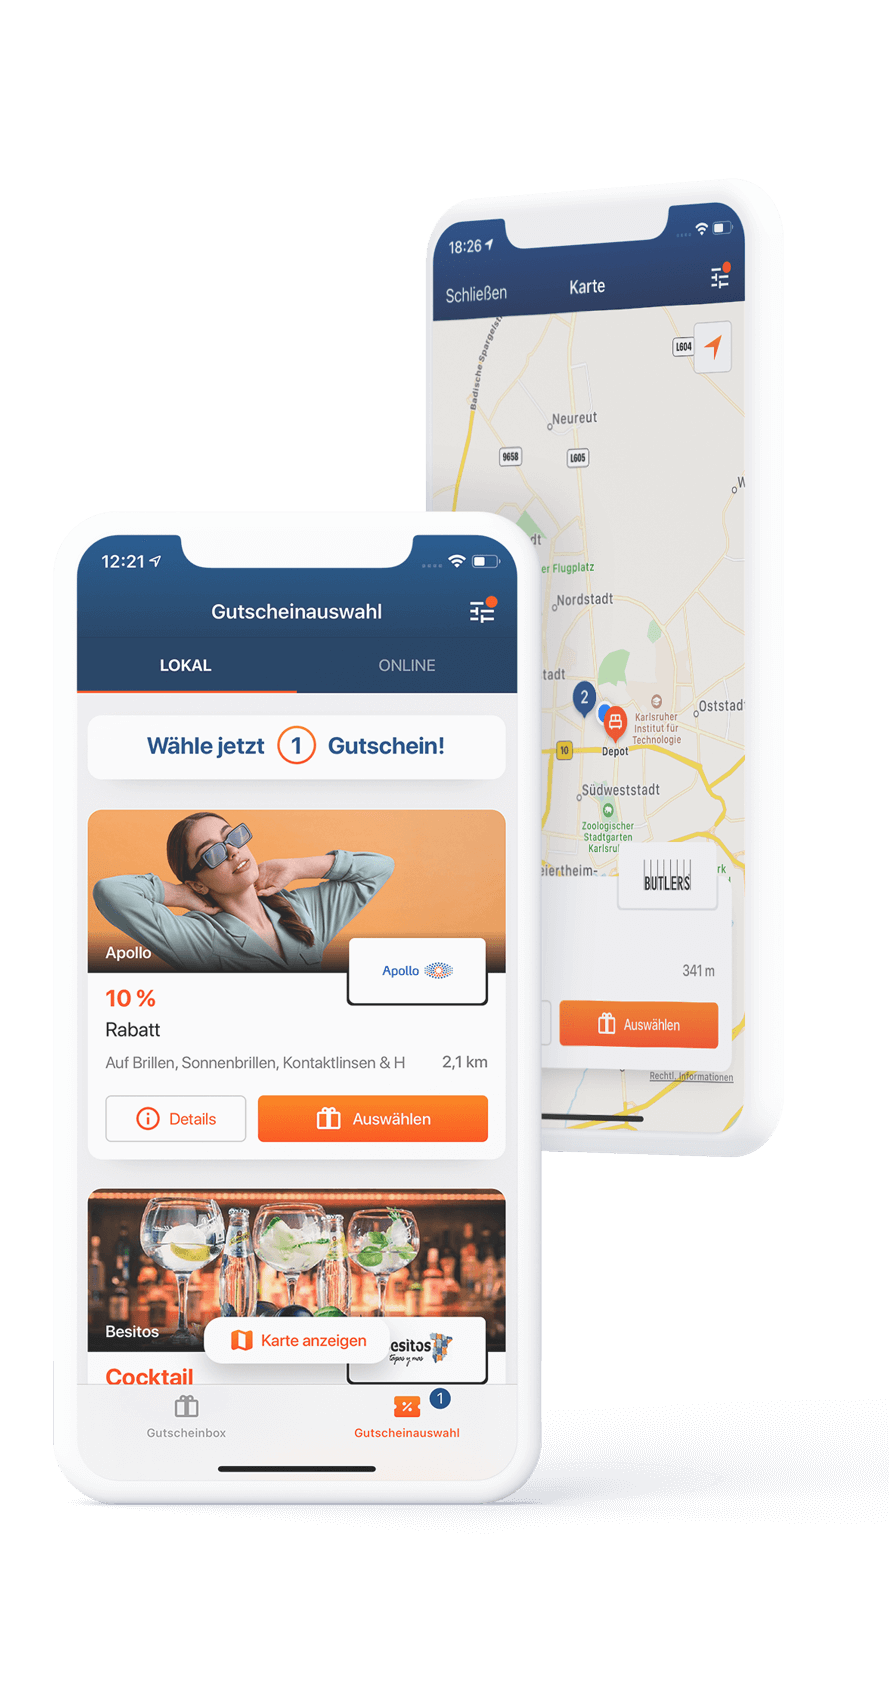 App Dummy, Gutscheinansicht und Karte